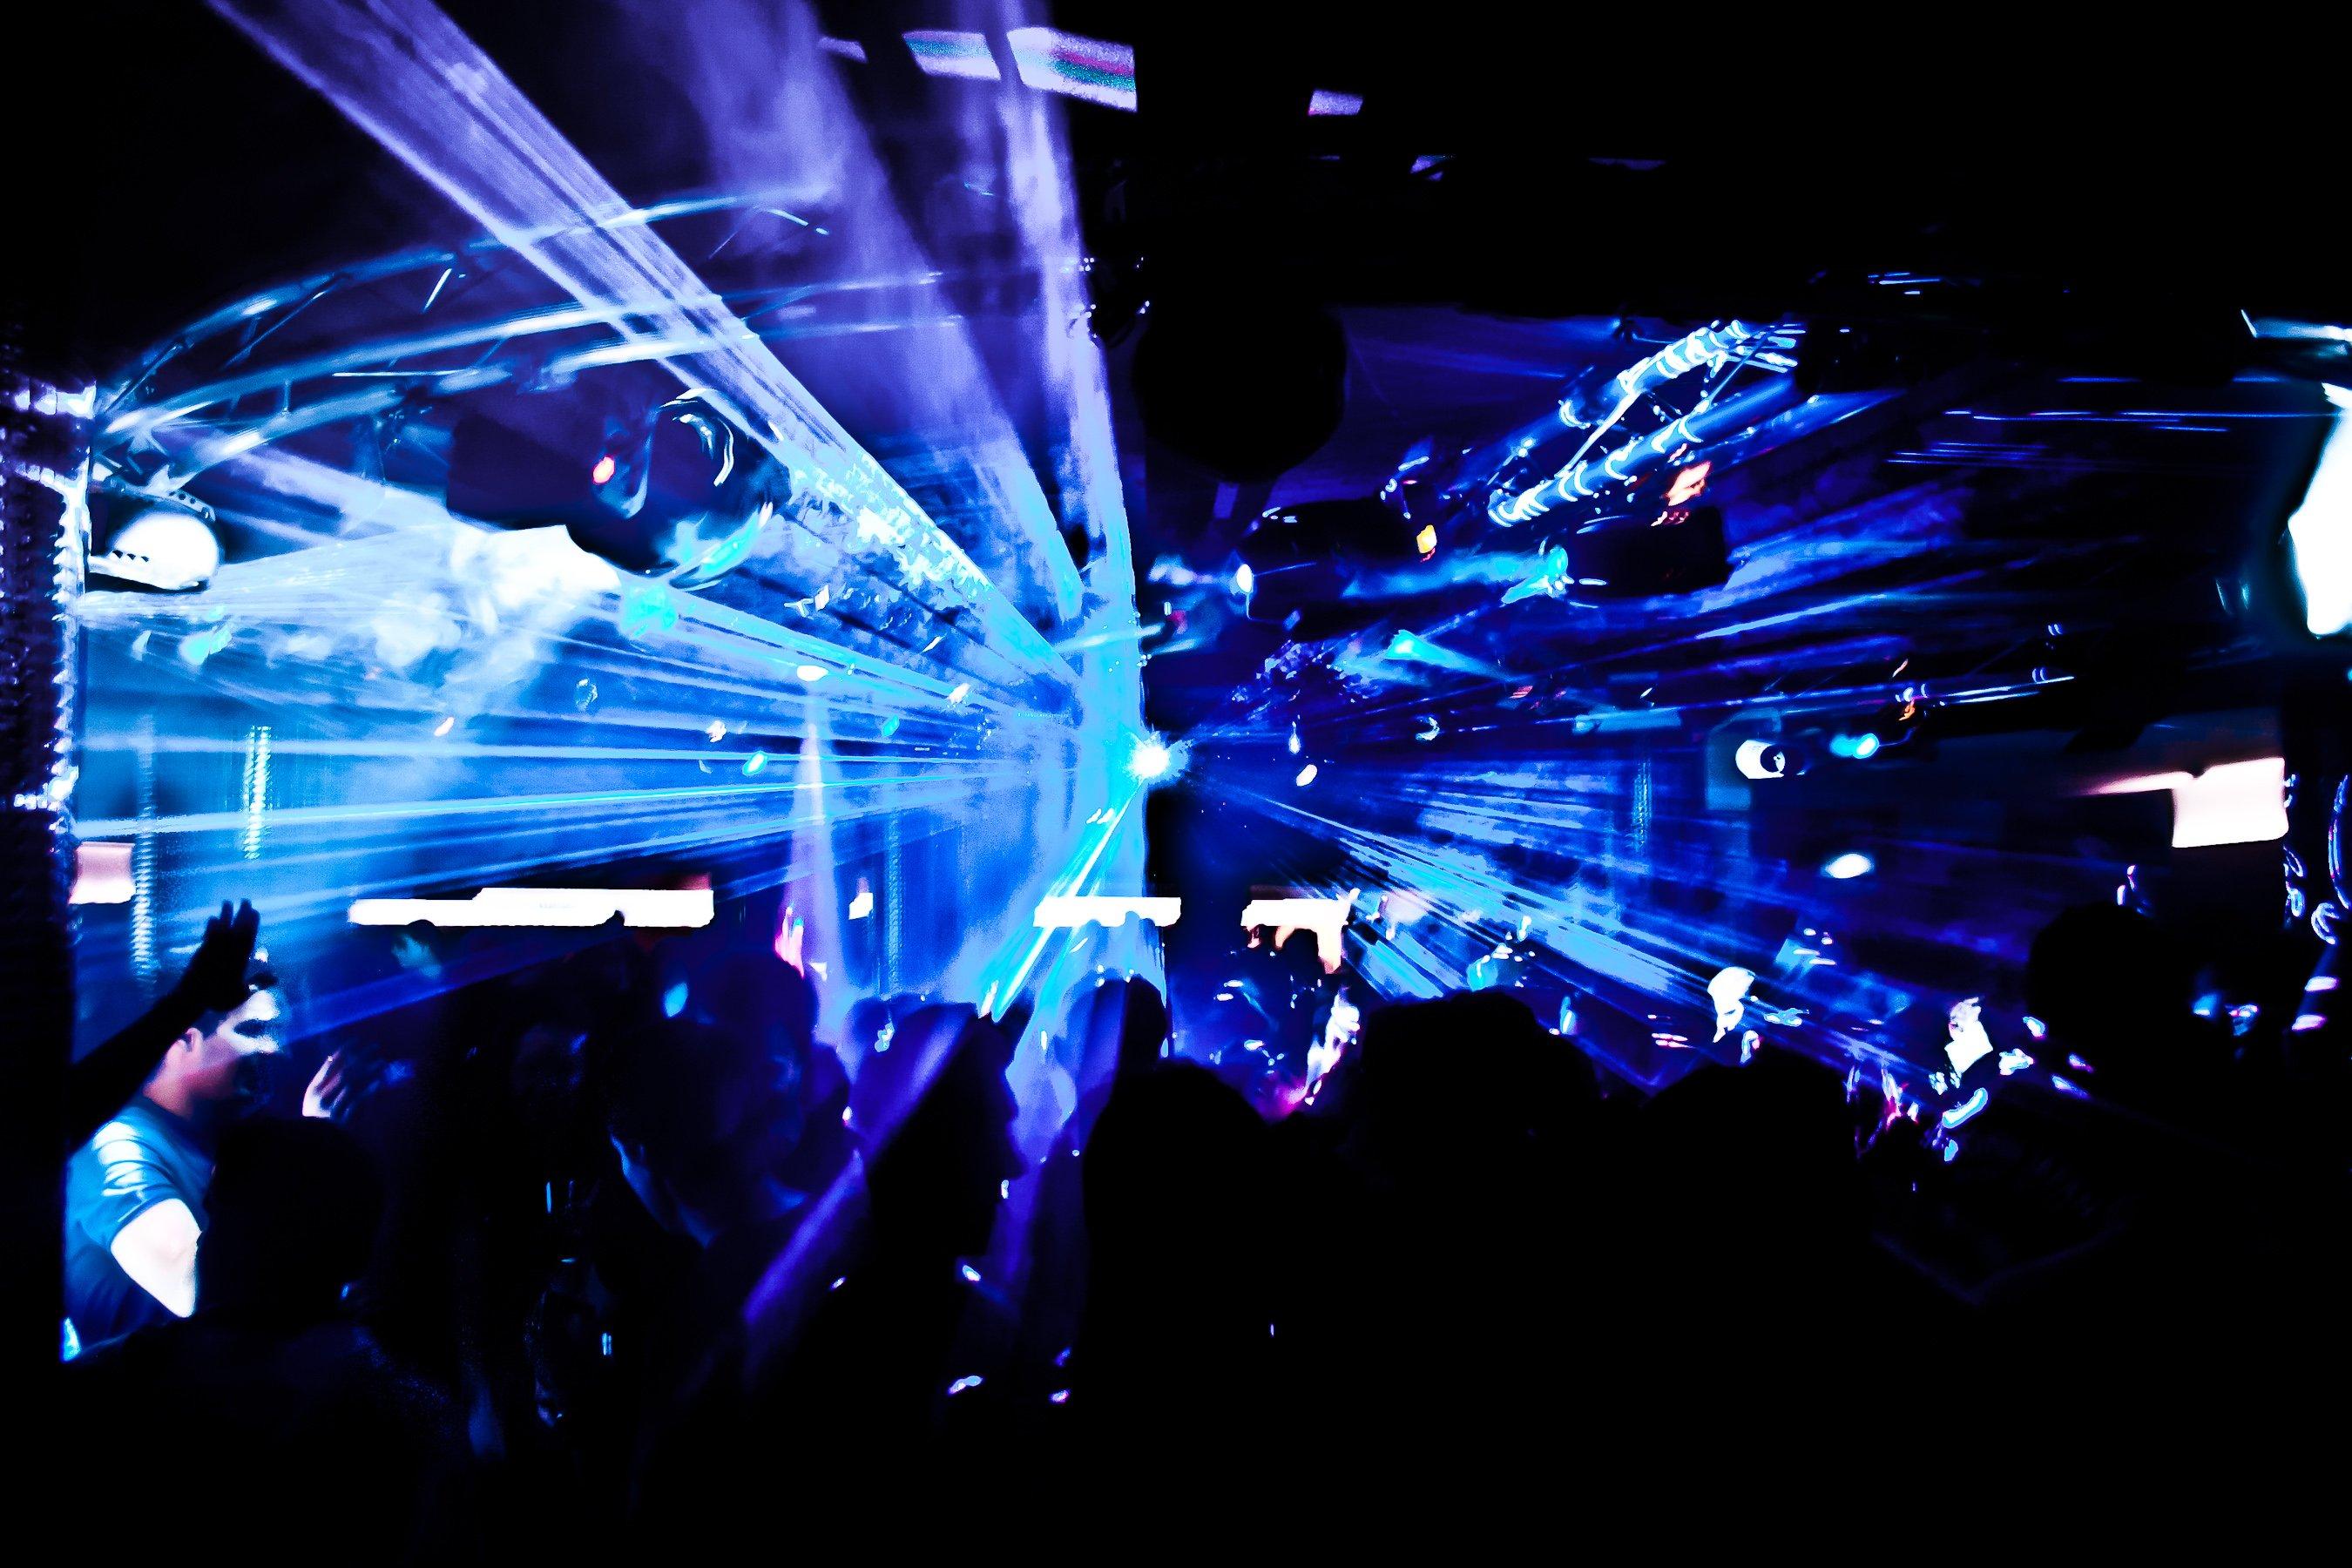 Disco dance music club wallpaper | 2700x1800 | 458695 ...